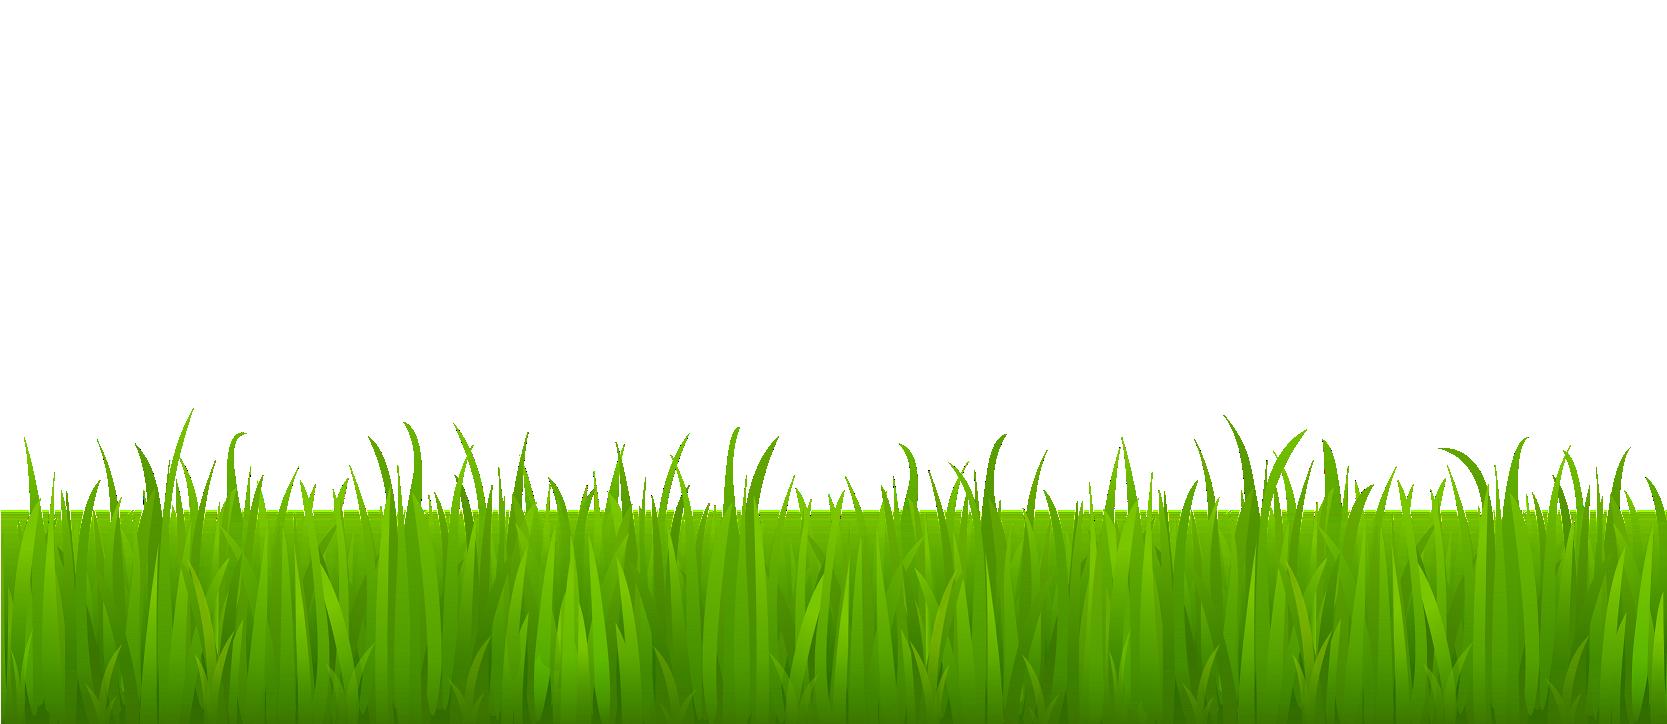 Pin by aryaan khan. Clipart grass star